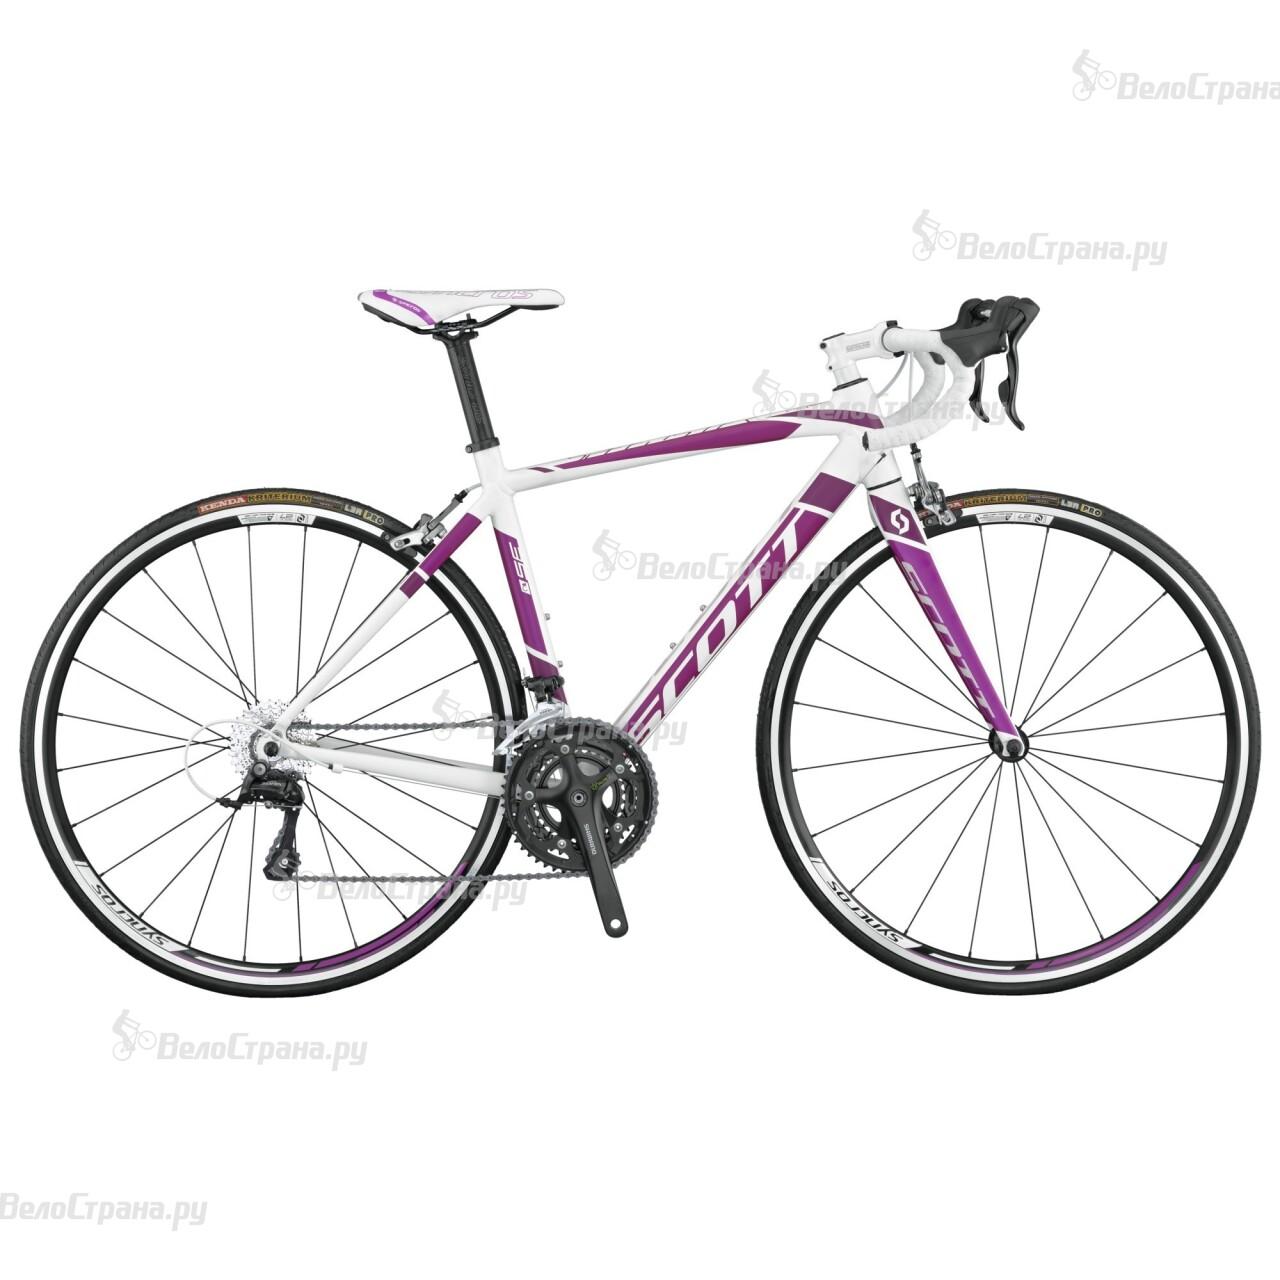 Велосипед Scott Contessa Speedster 35 (2015) велосипед scott contessa solace 35 2017